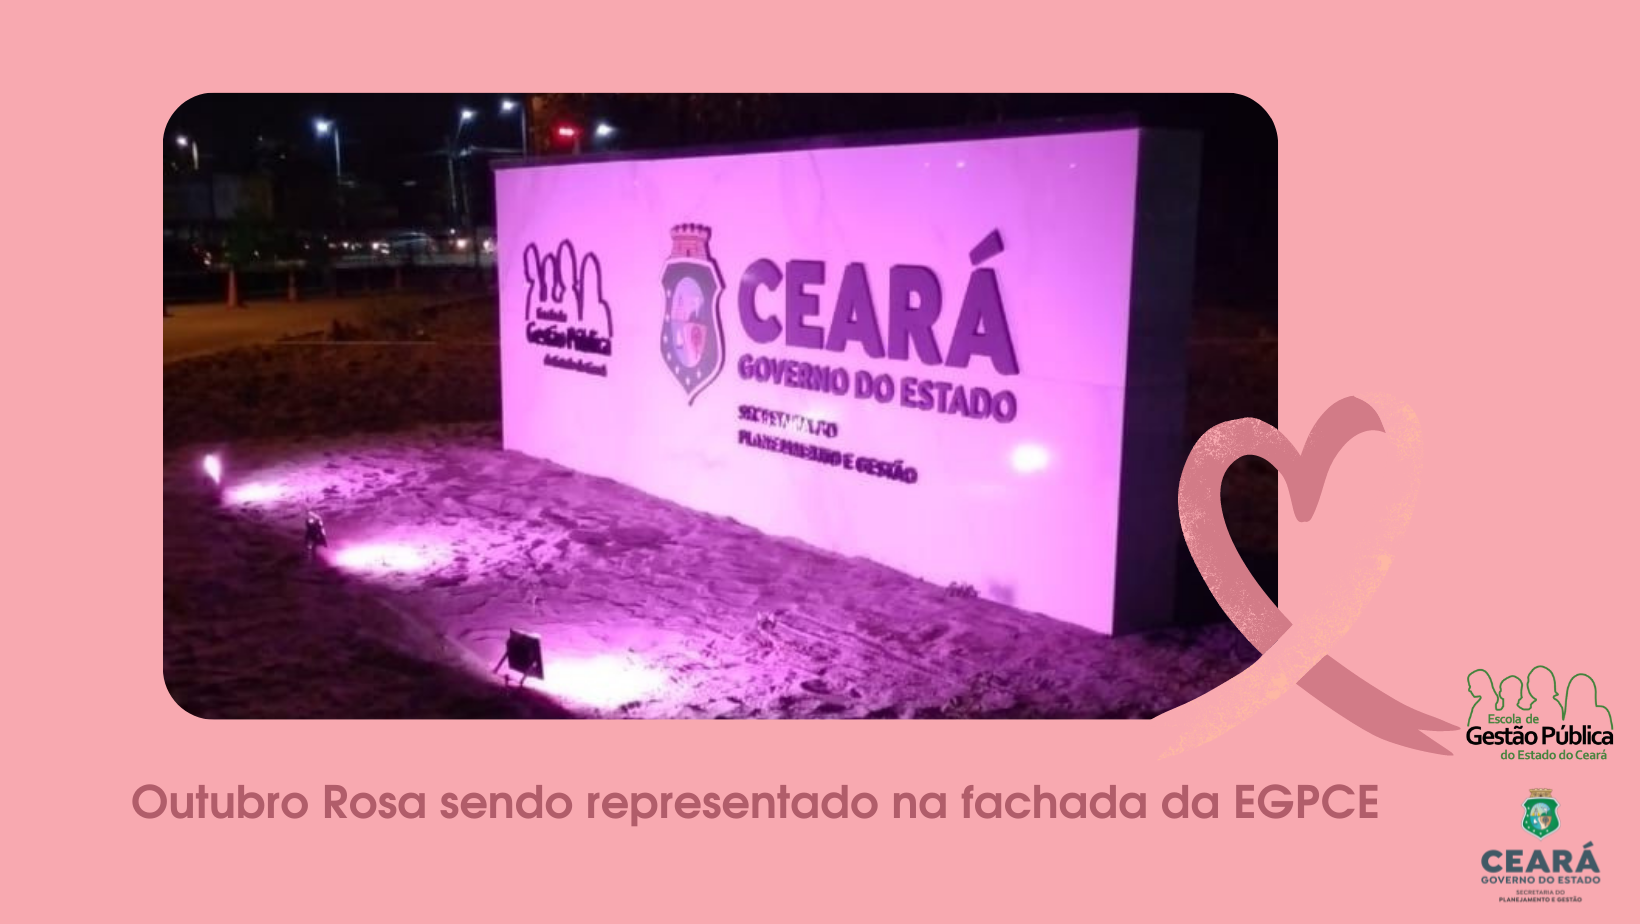 Outubro Rosa sendo representado na fachada da EGPCE